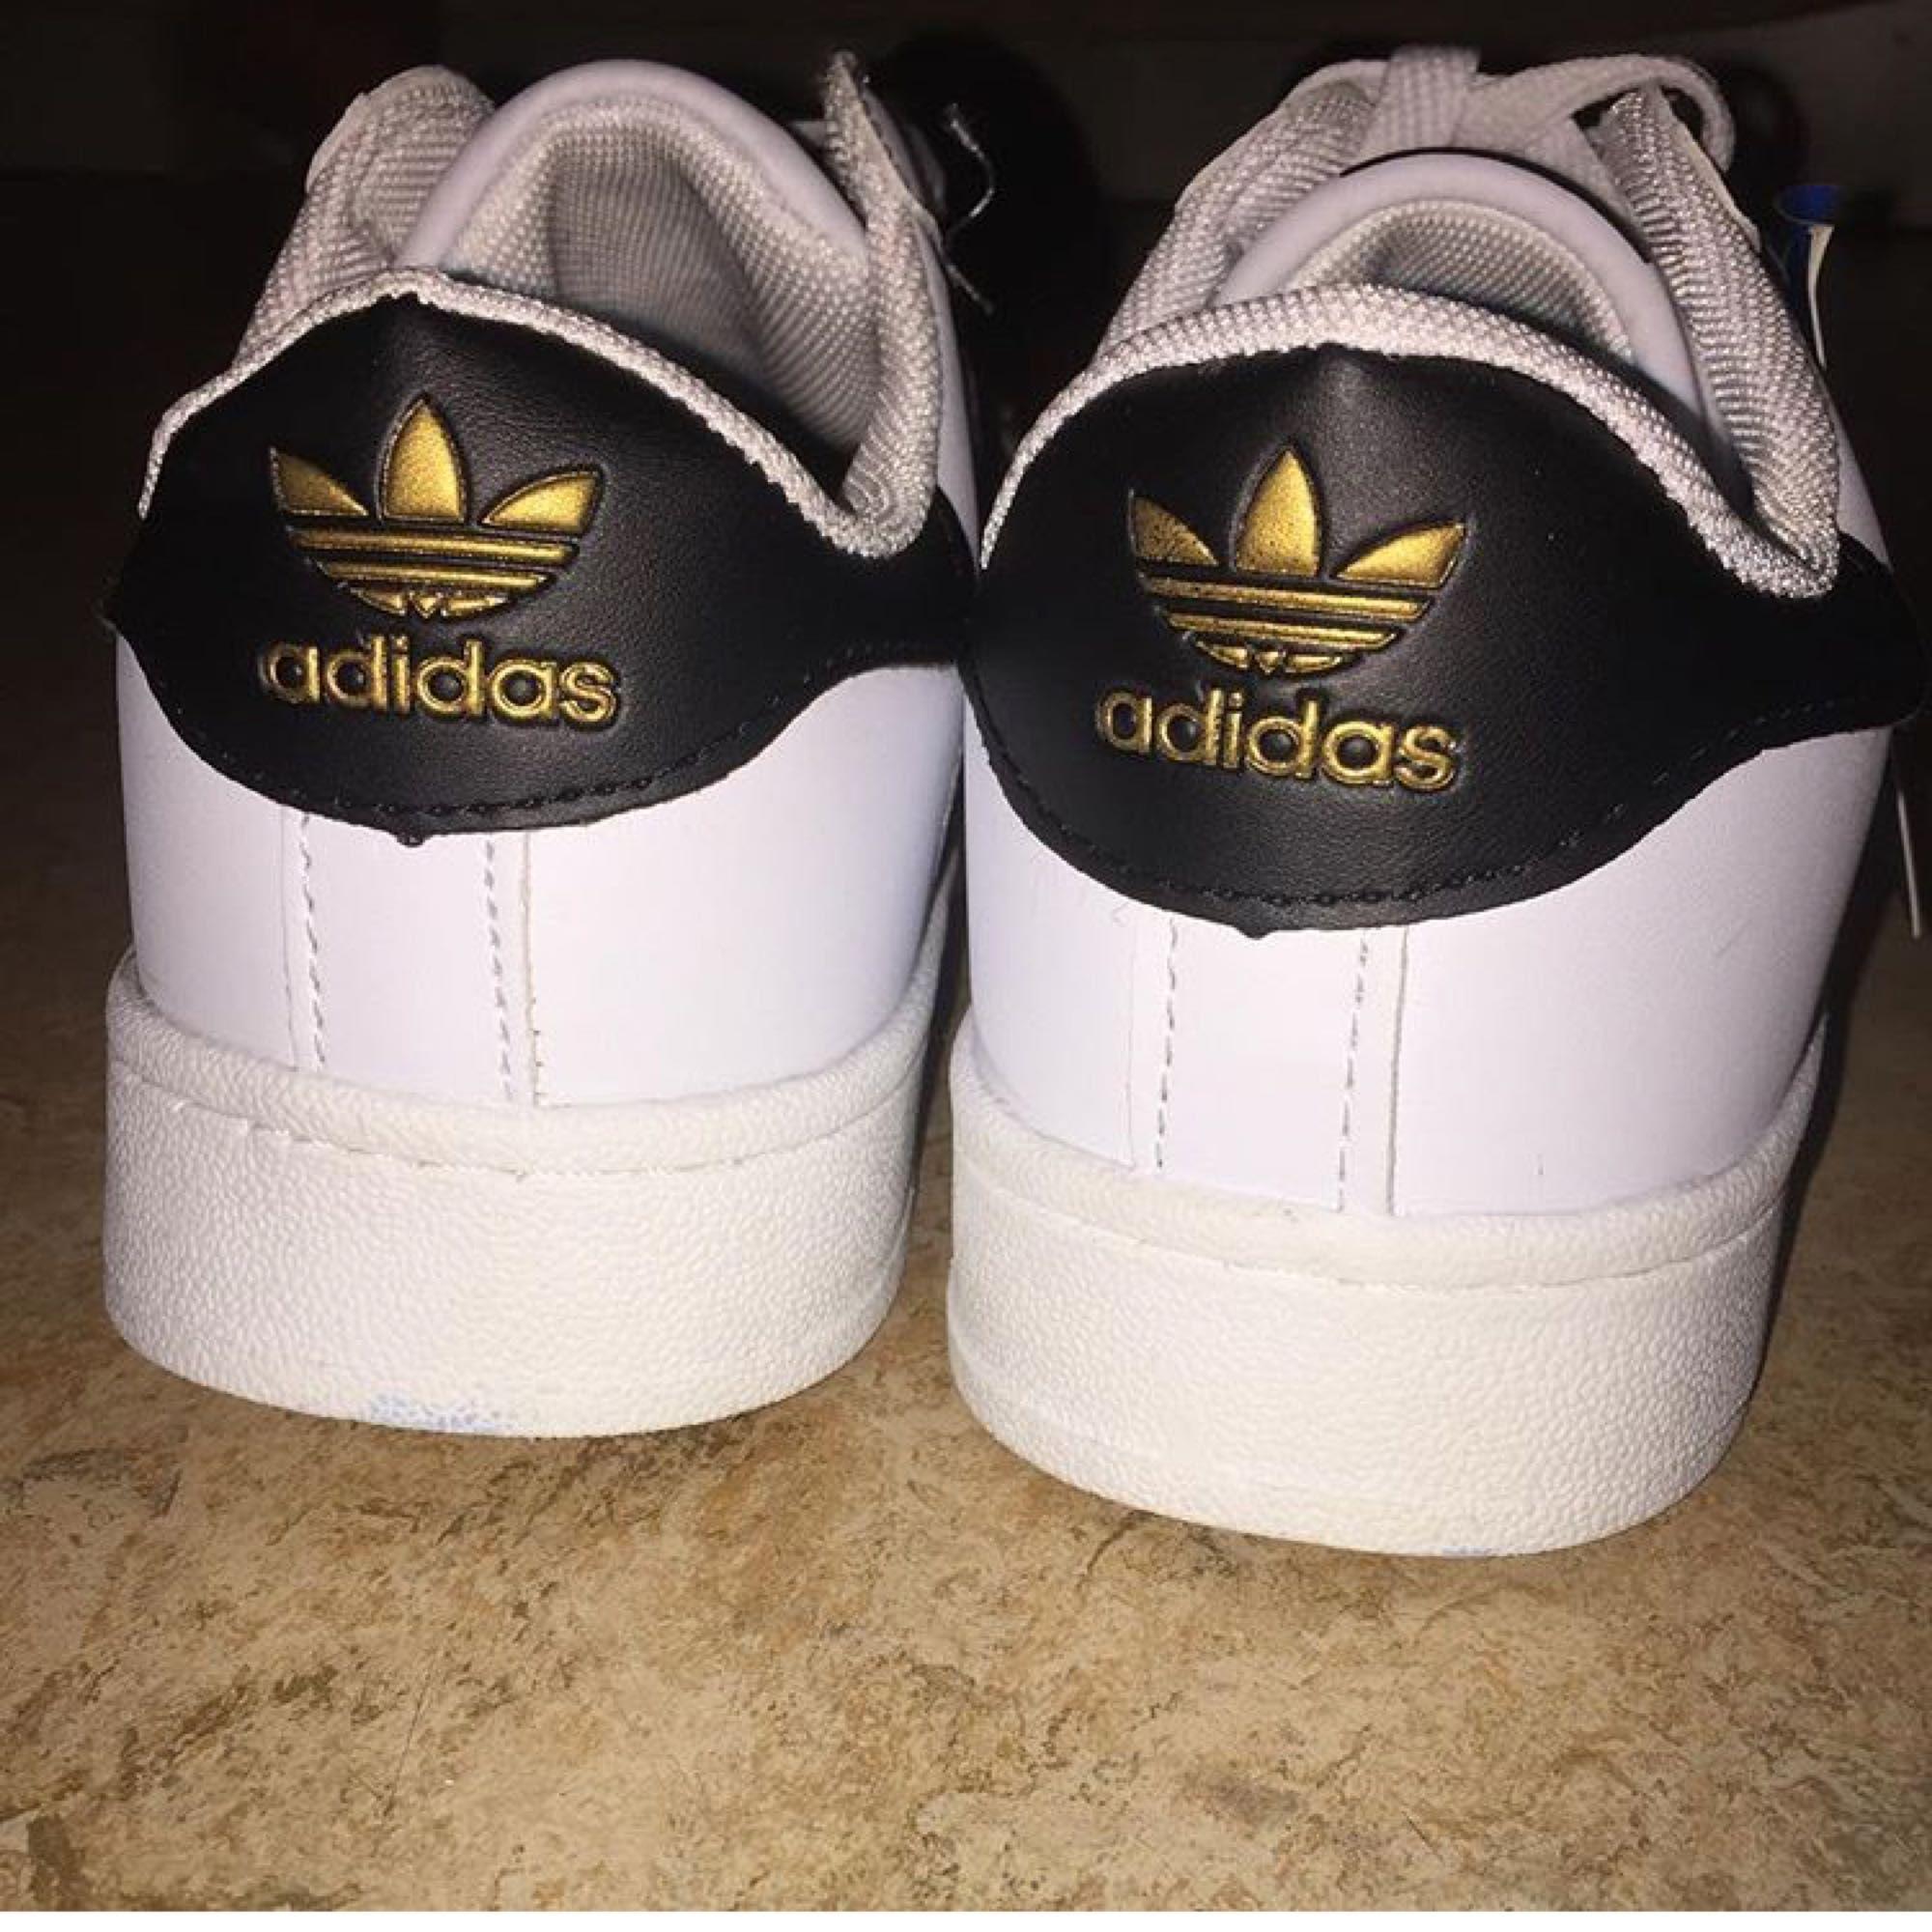 Säljer mina adidas skor som Jag har fått i present!  Står ingen exakt storlek på dom men dom skulle kunna passa en 39 eller 40. Tror inte dom är äkta! . Skor.